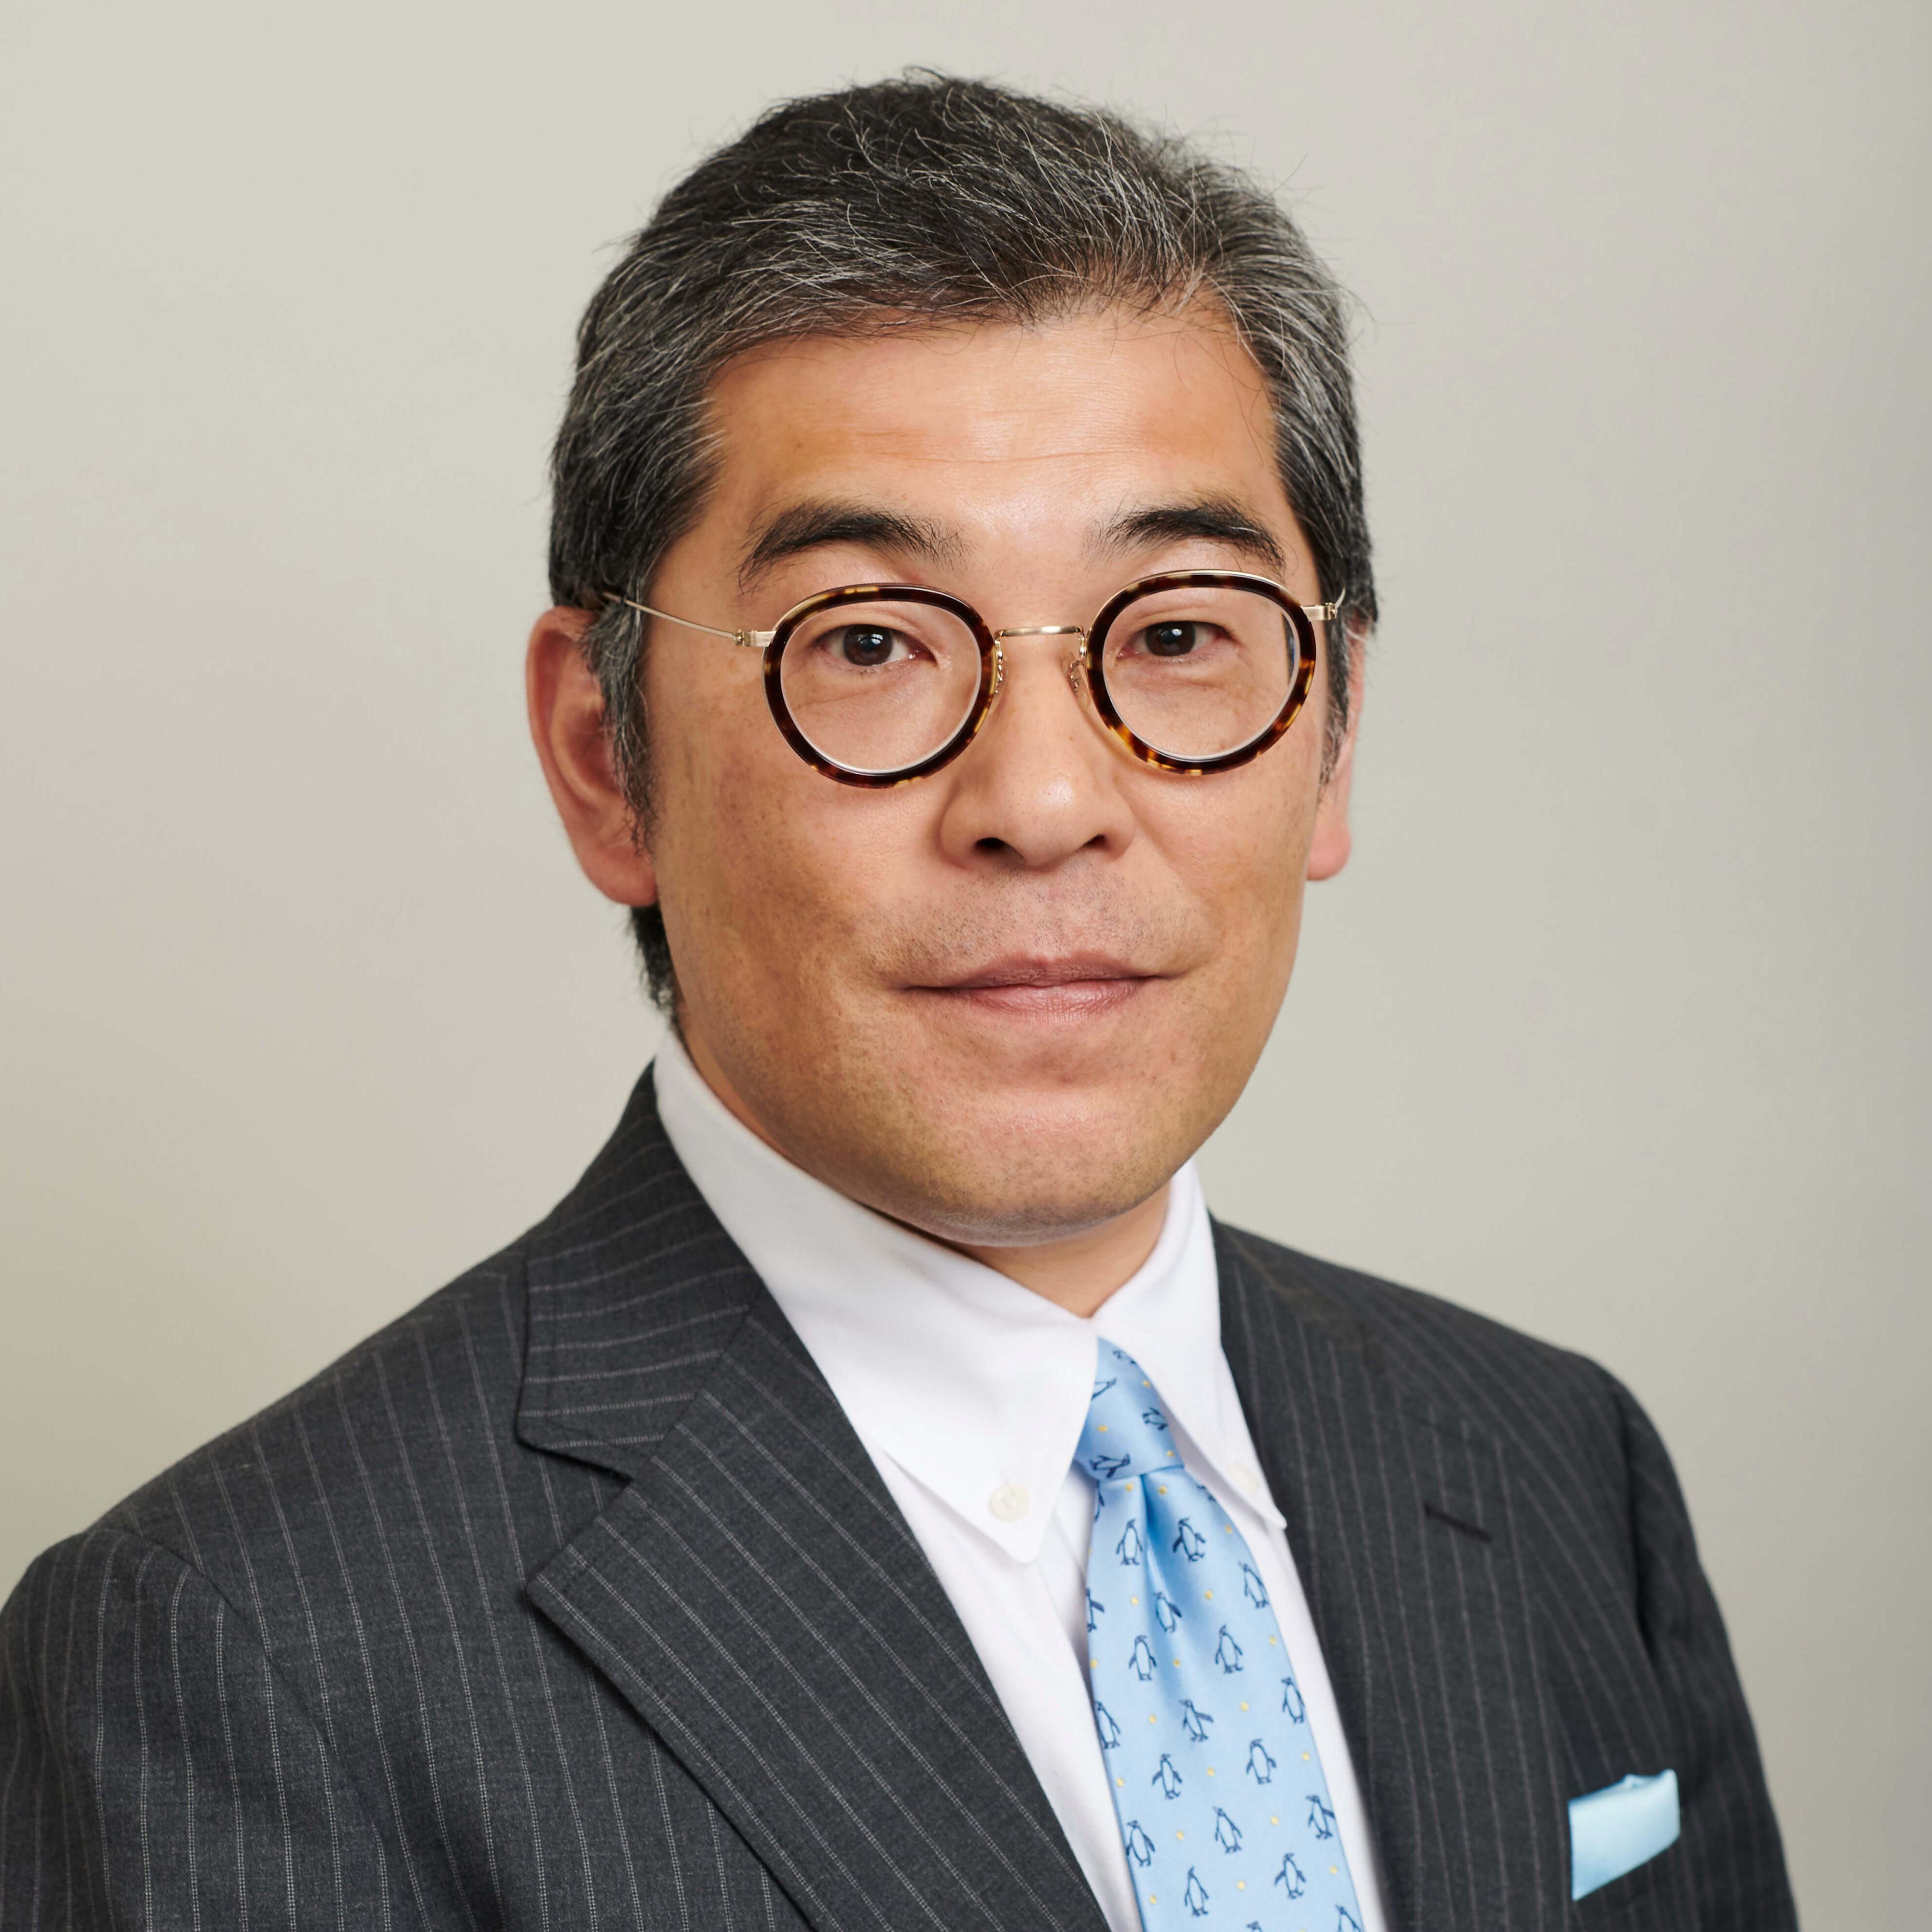 主席研究員 井野口 正之 Masayuki Inoguchi